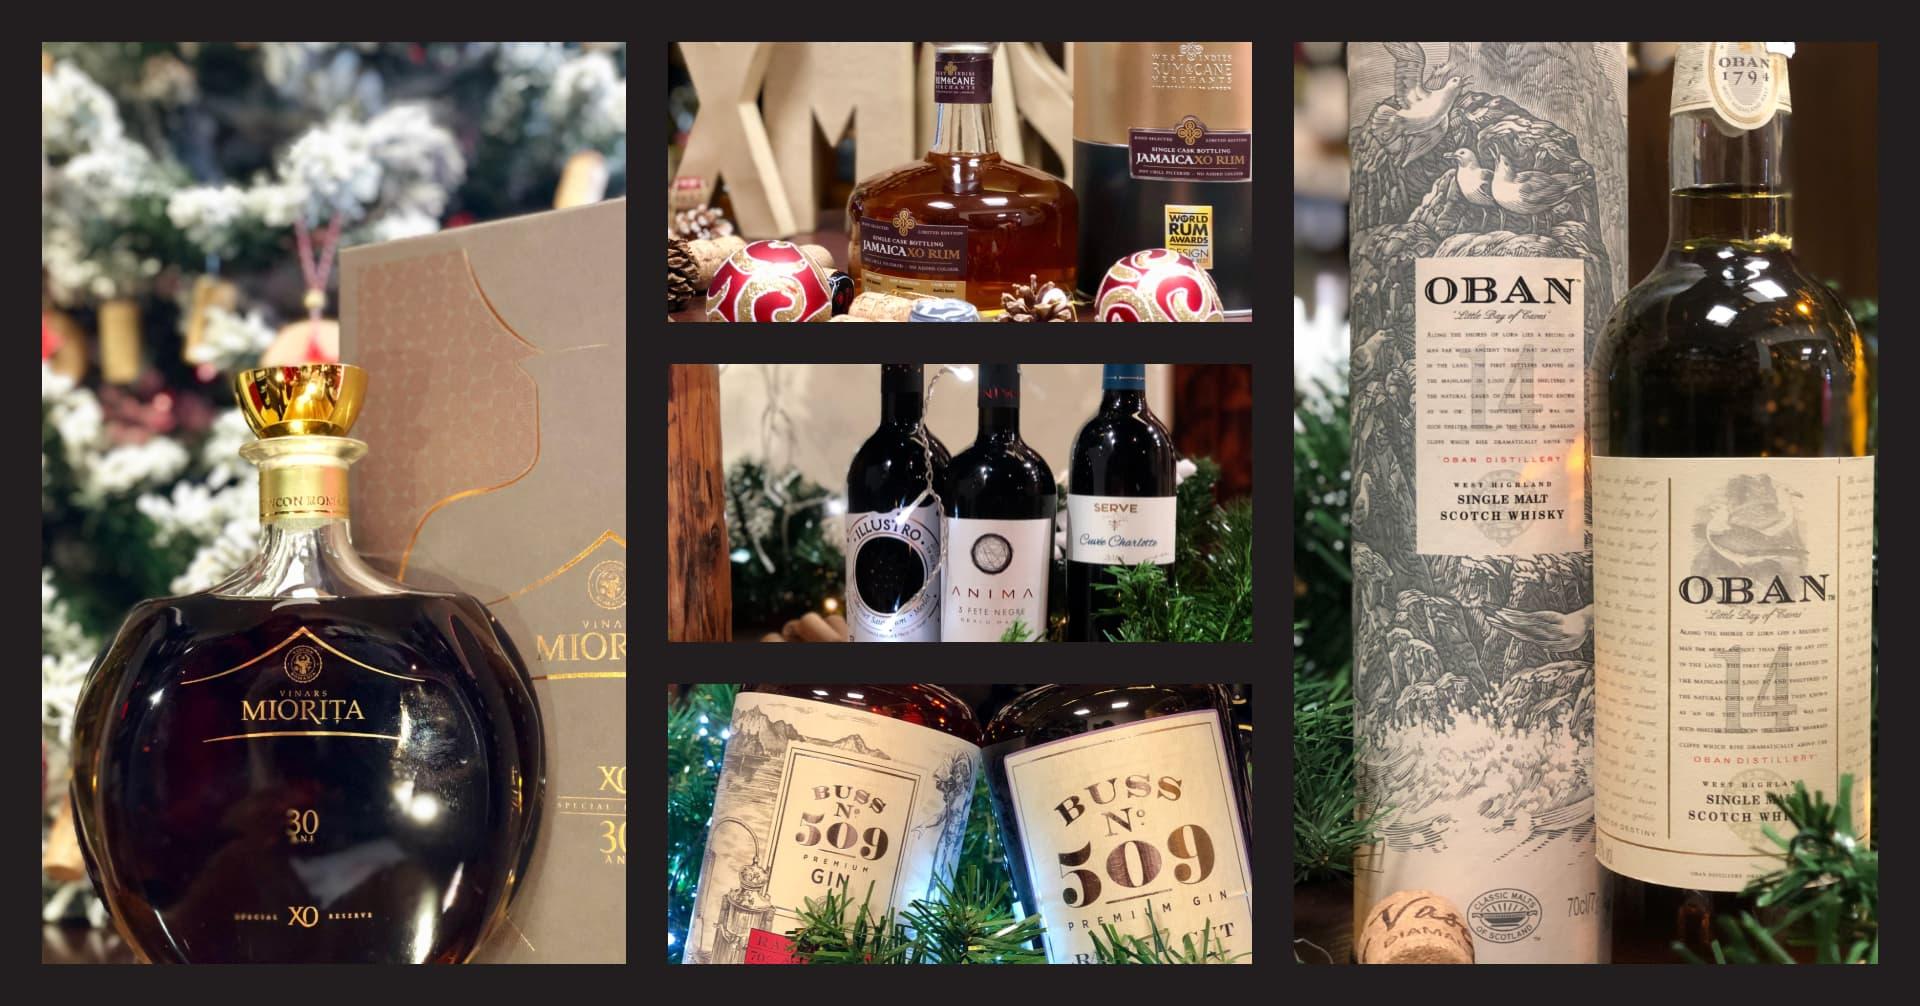 5 recomandări de băuturi de la Licori și Tabieturi pe care să le încerci sezonul acesta